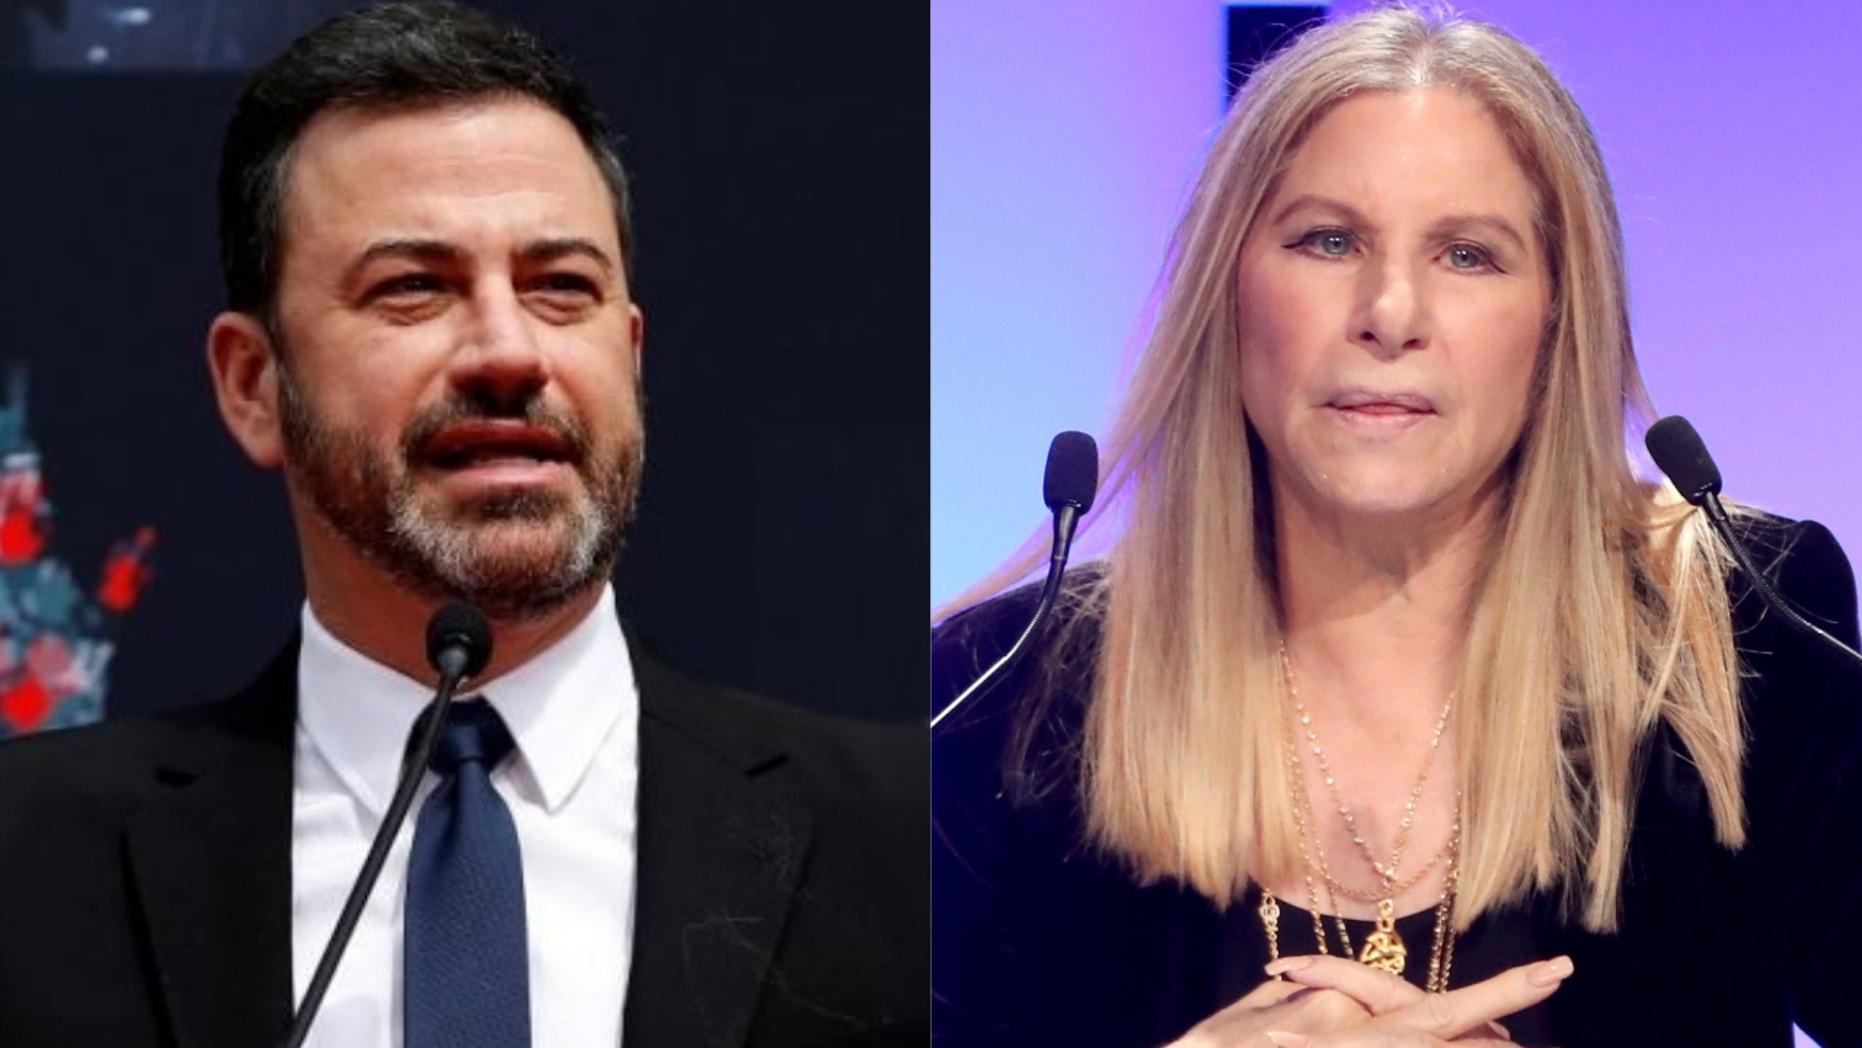 Jimmy Kimmel and Barbra Streisand